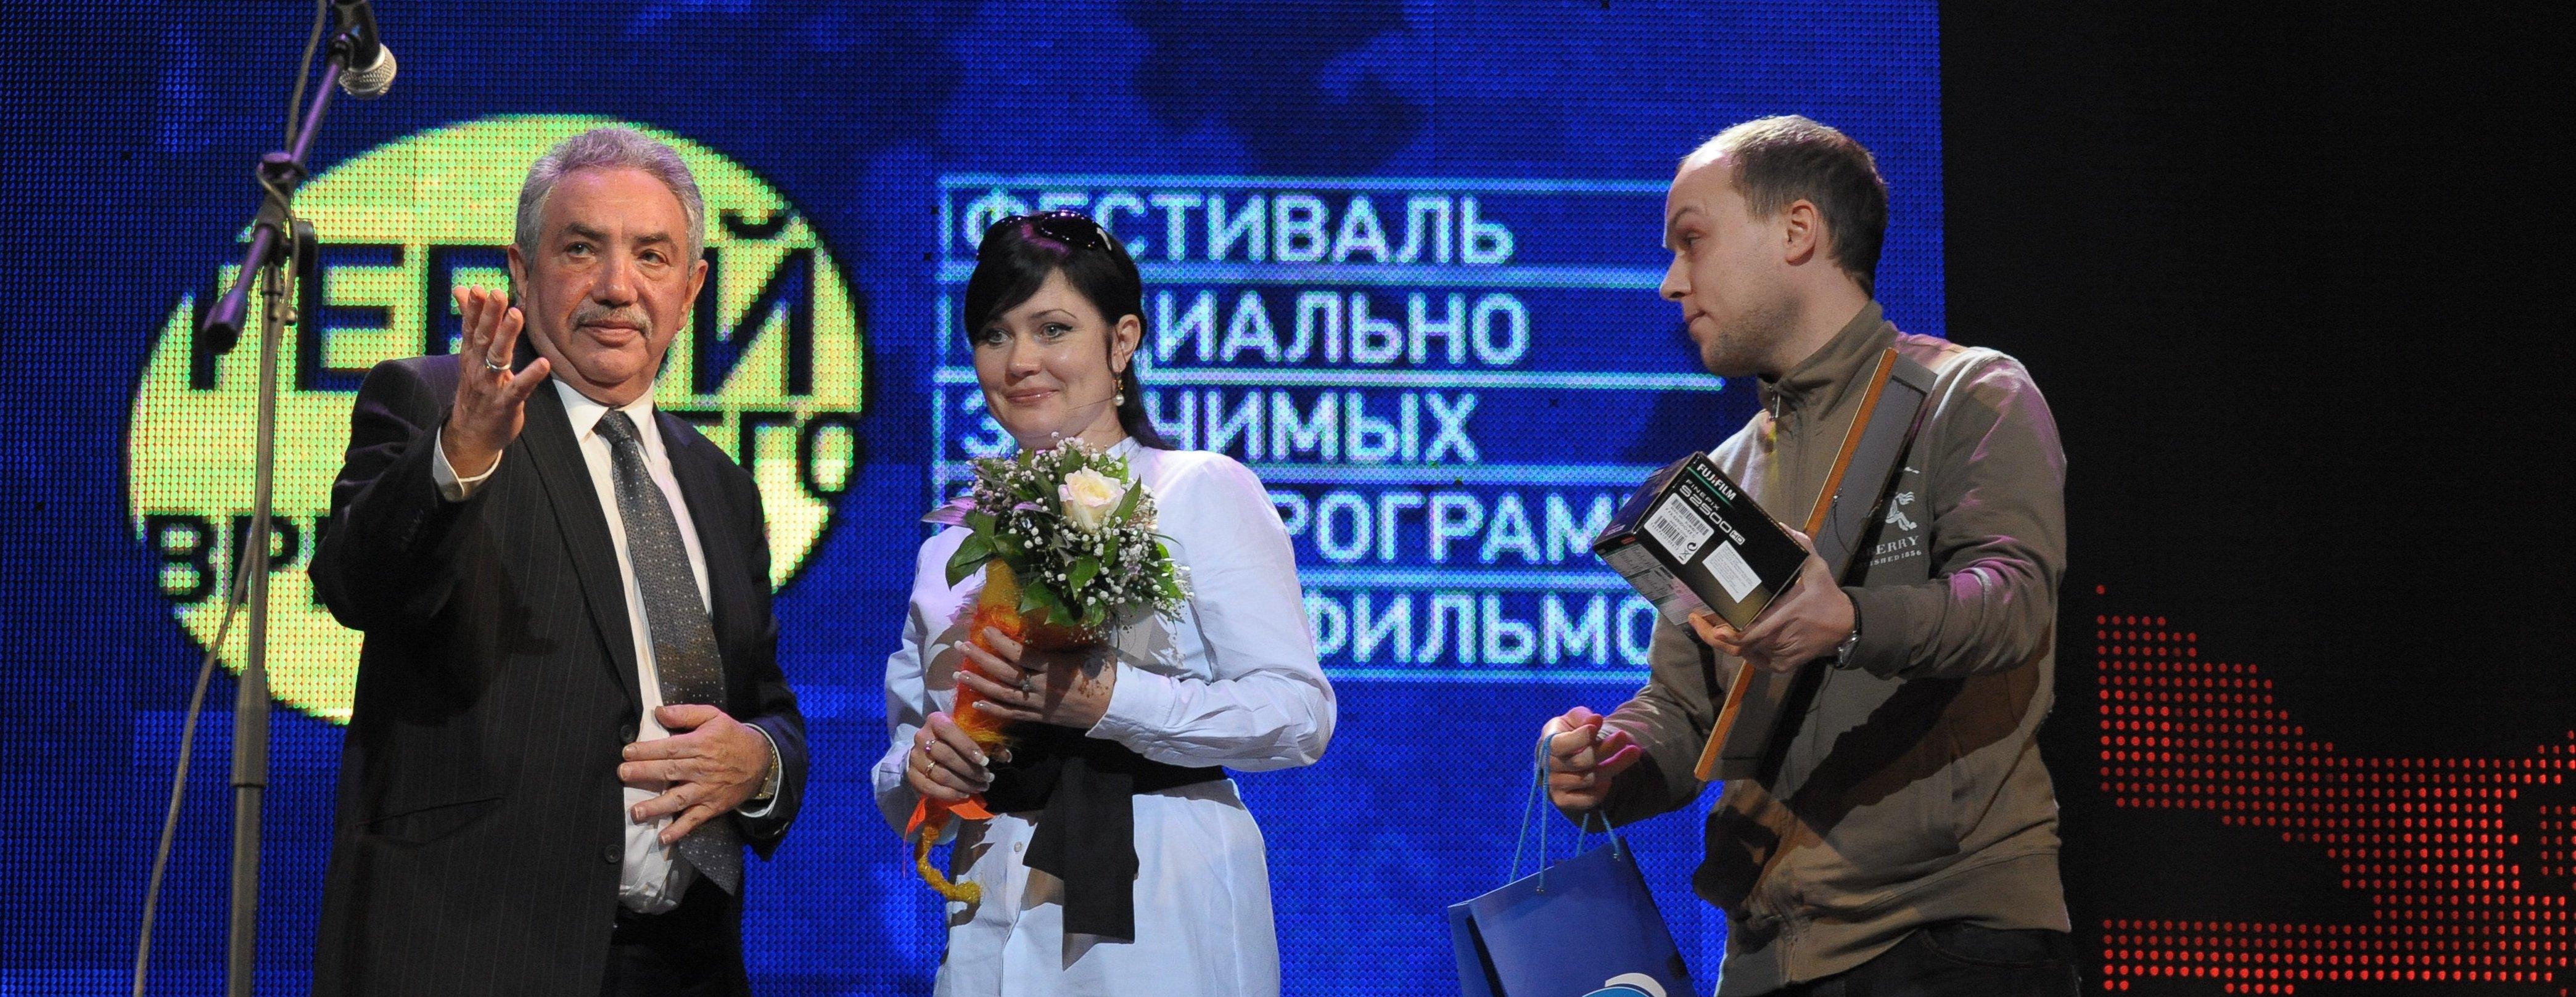 Всероссийский фестиваль социально значимых телепрограмм и телефильмов «Герой нашего времени»